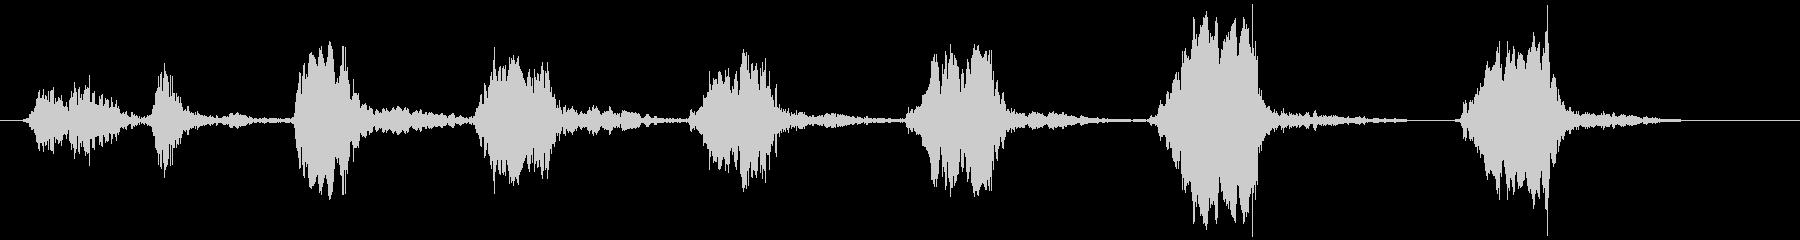 鳥のさえずり (チュ、ヒヒヒヒヒ)の未再生の波形